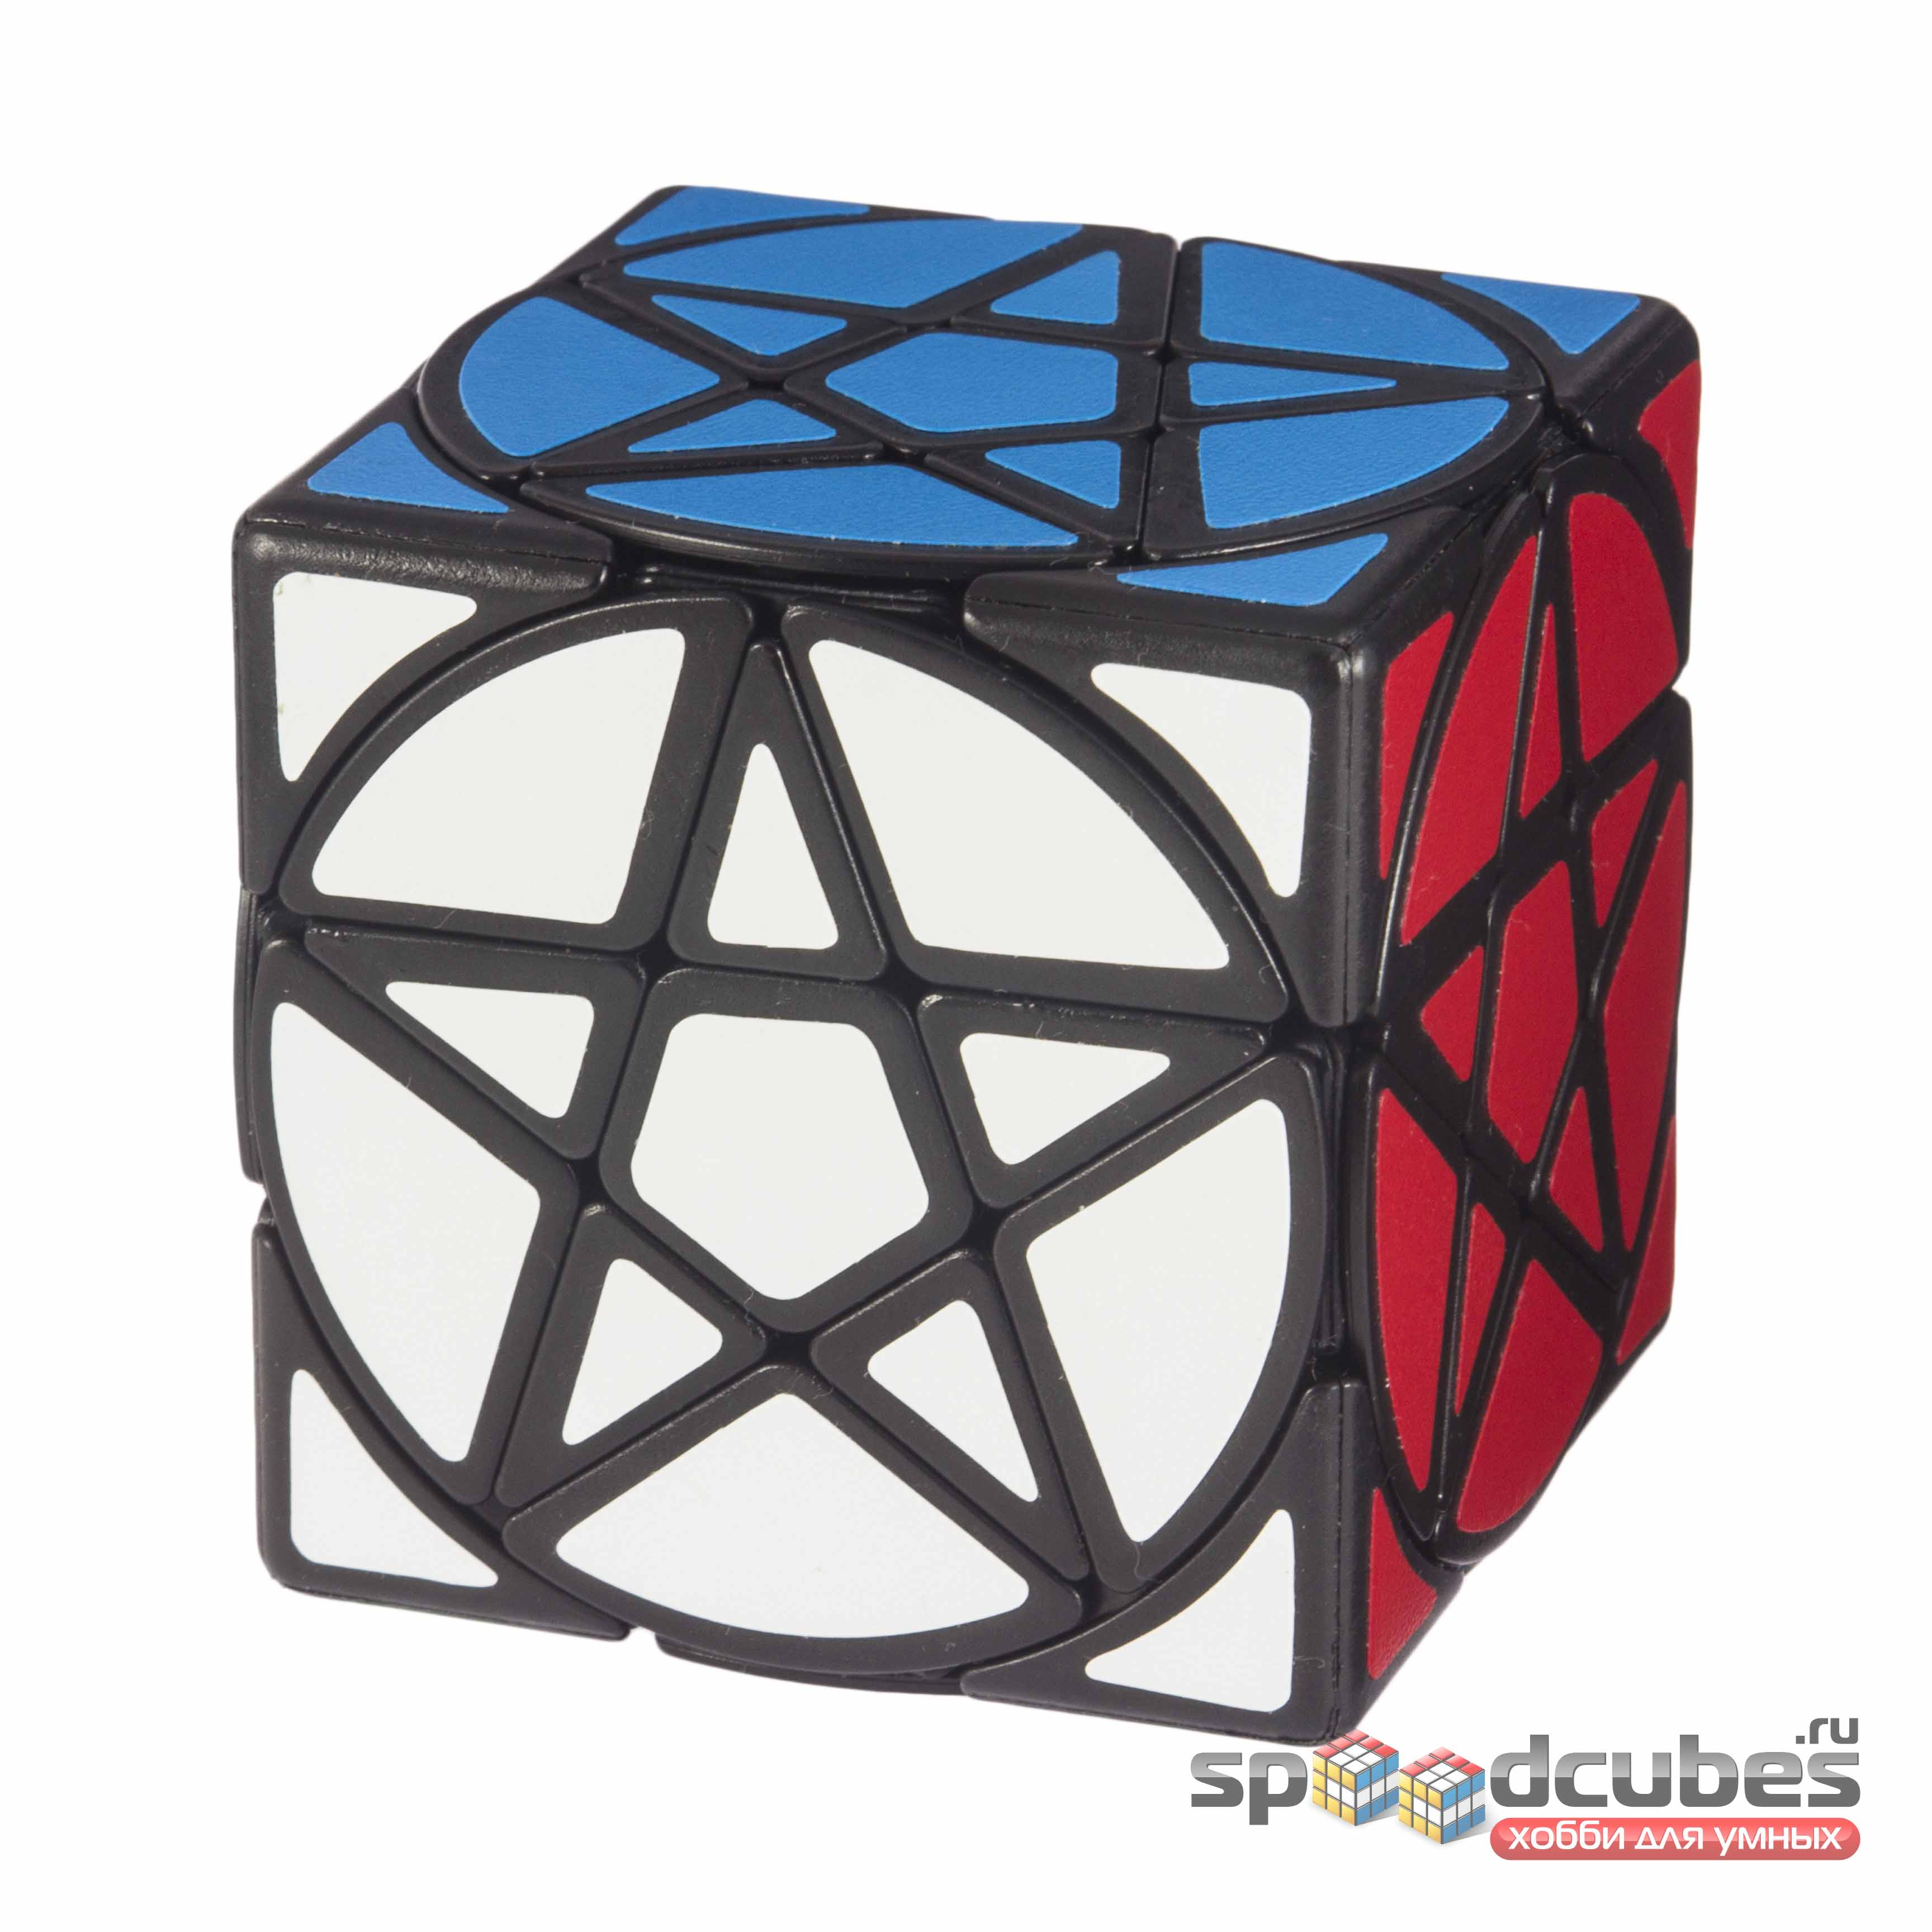 Mozhi Pentacle Cube